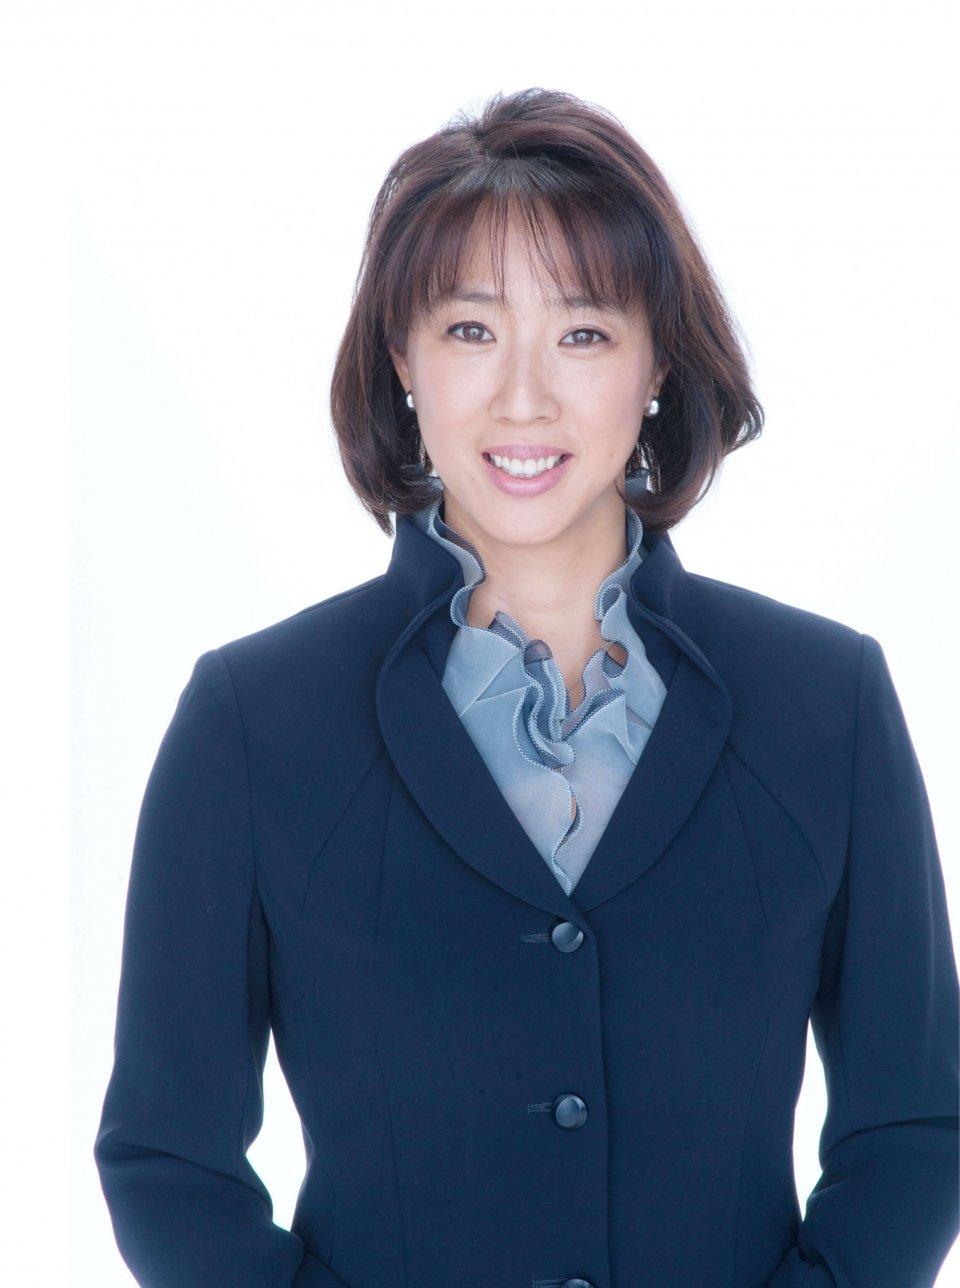 「2021年の東京オリ・パラが成功できたら、日本のみならず‶世界みんなの成功〟といえるでしょう」